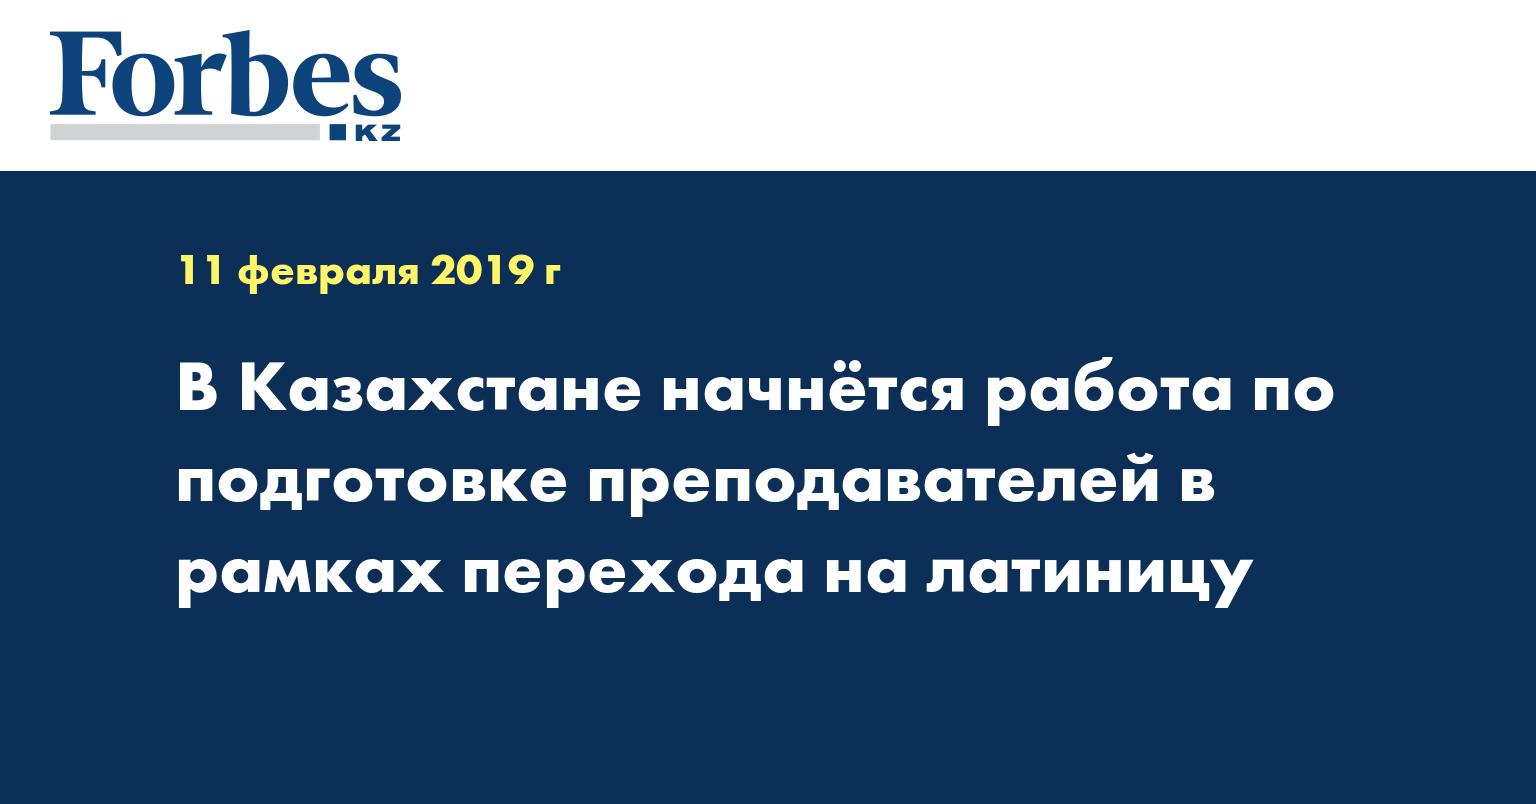 В Казахстане начнется работа по подготовке преподавателей в рамках перехода на латиницу